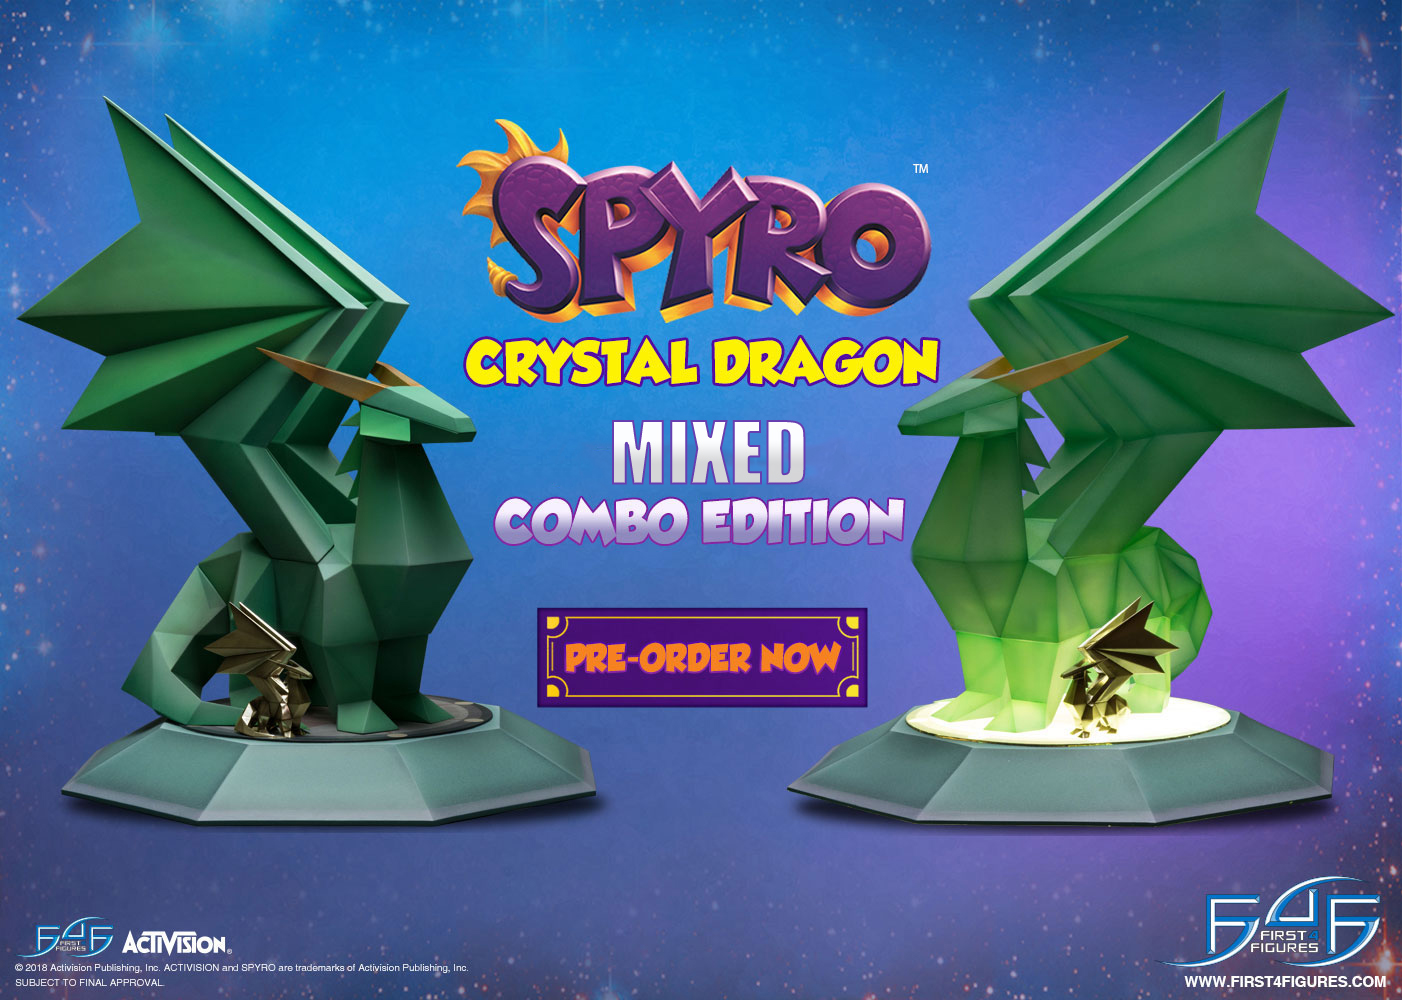 Crystal Dragon (Mixed Combo Edition)